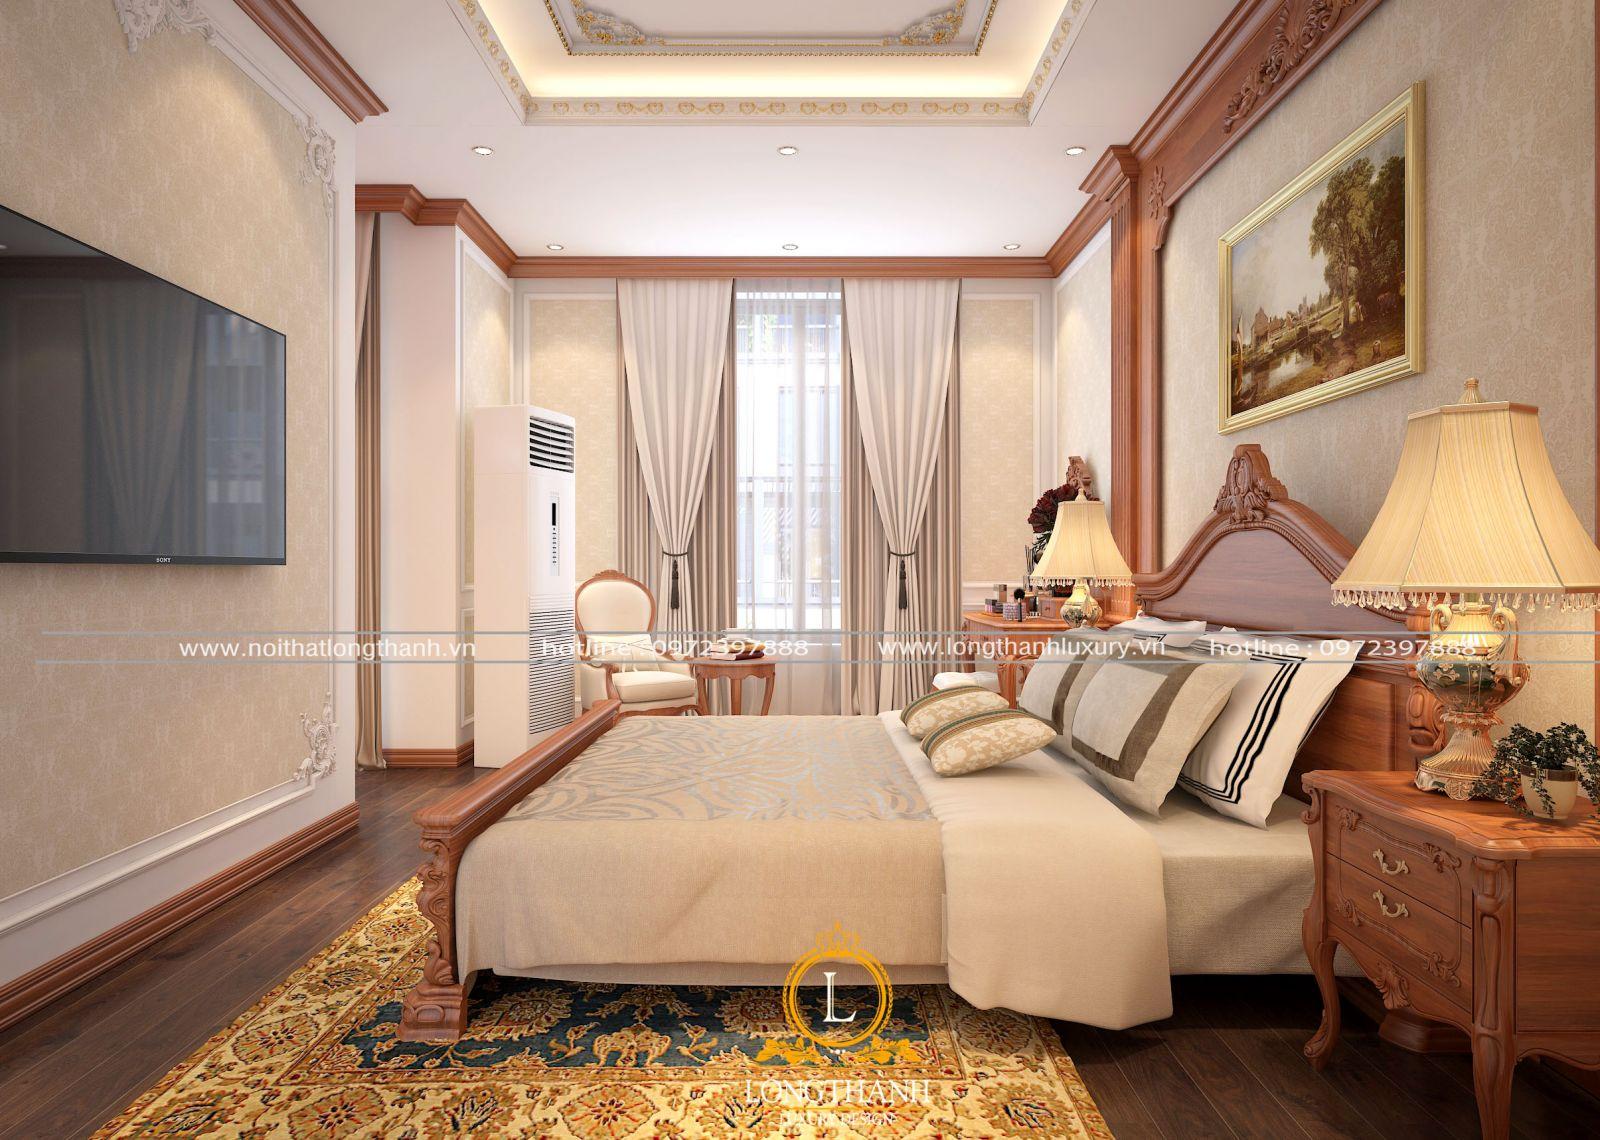 Mẫu phòng ngủ master đẹp nhất